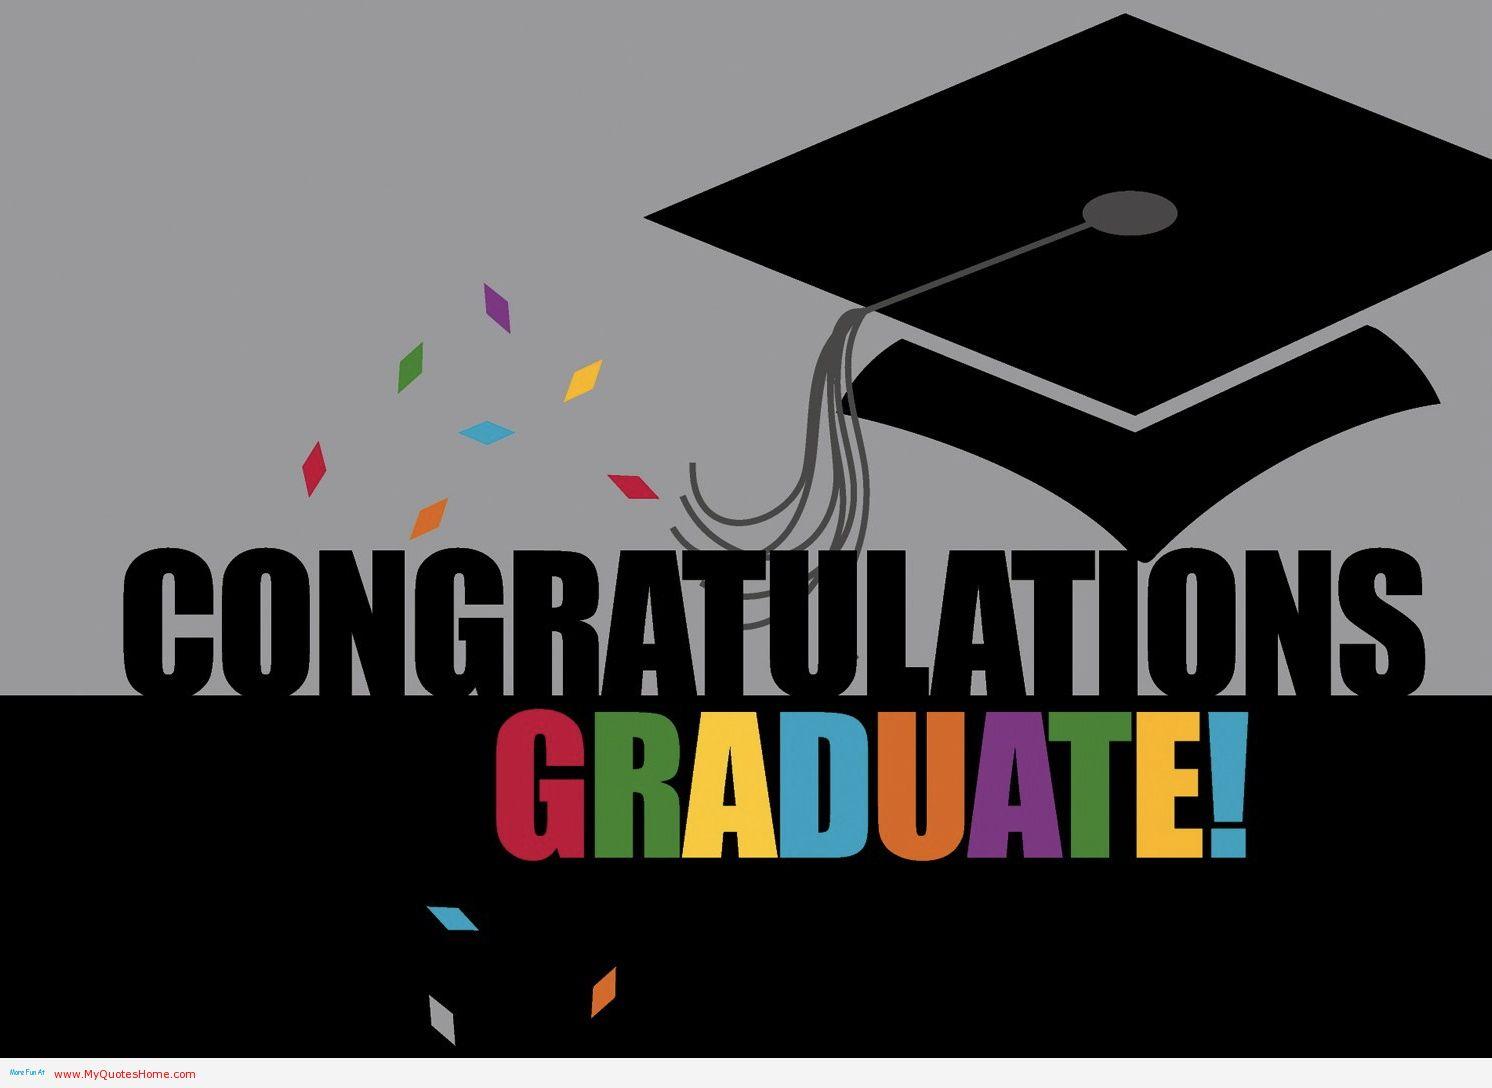 صور التهنئة بالتخرج من الكلية  (16)